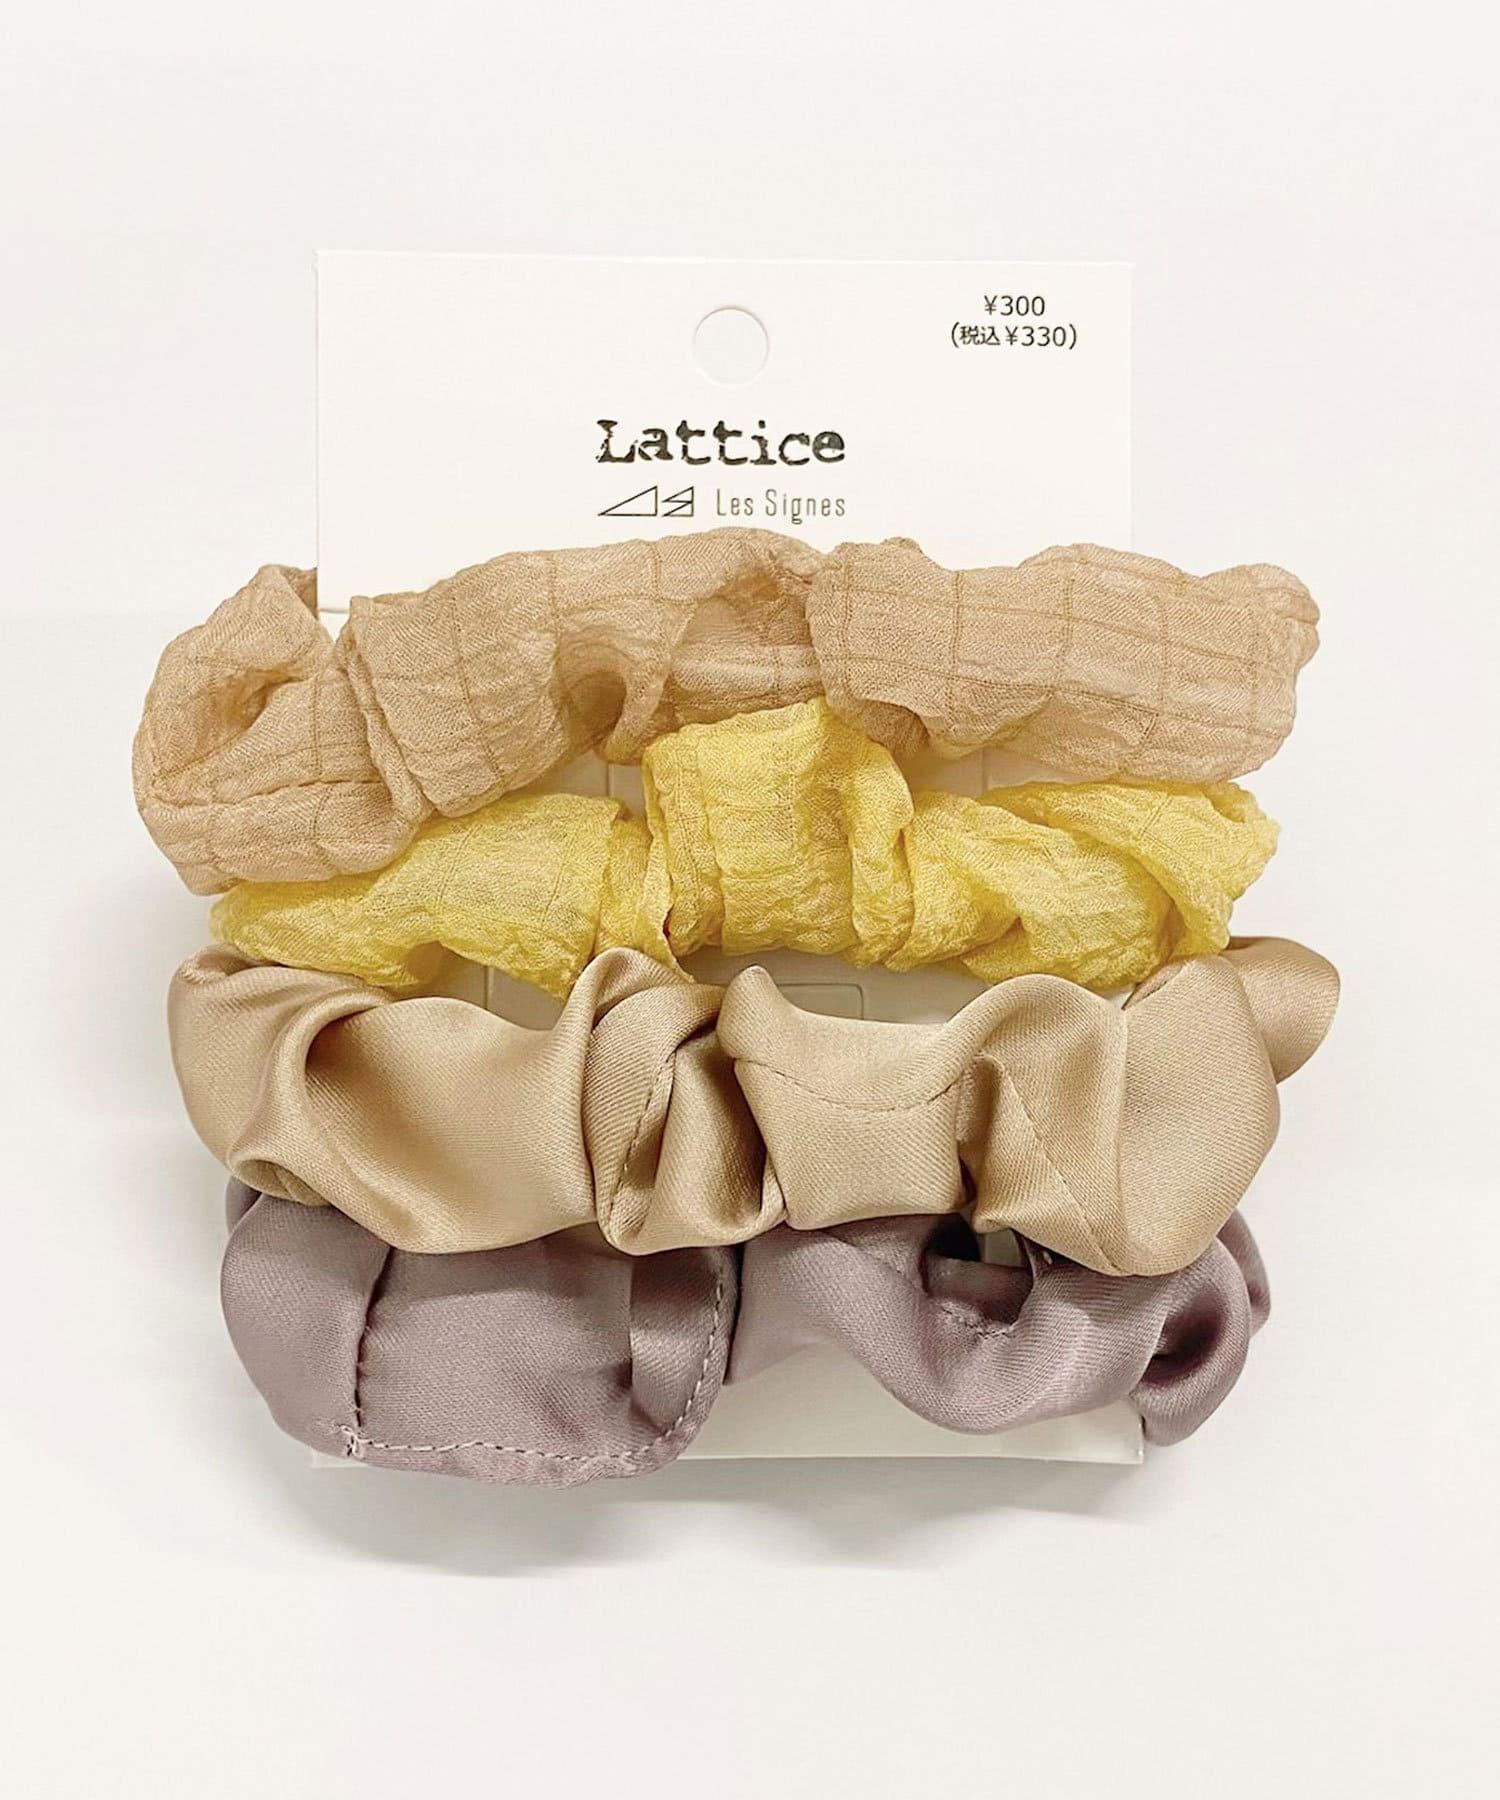 Lattice(ラティス) レディース サテンシフォンSETシュシュ ベージュ